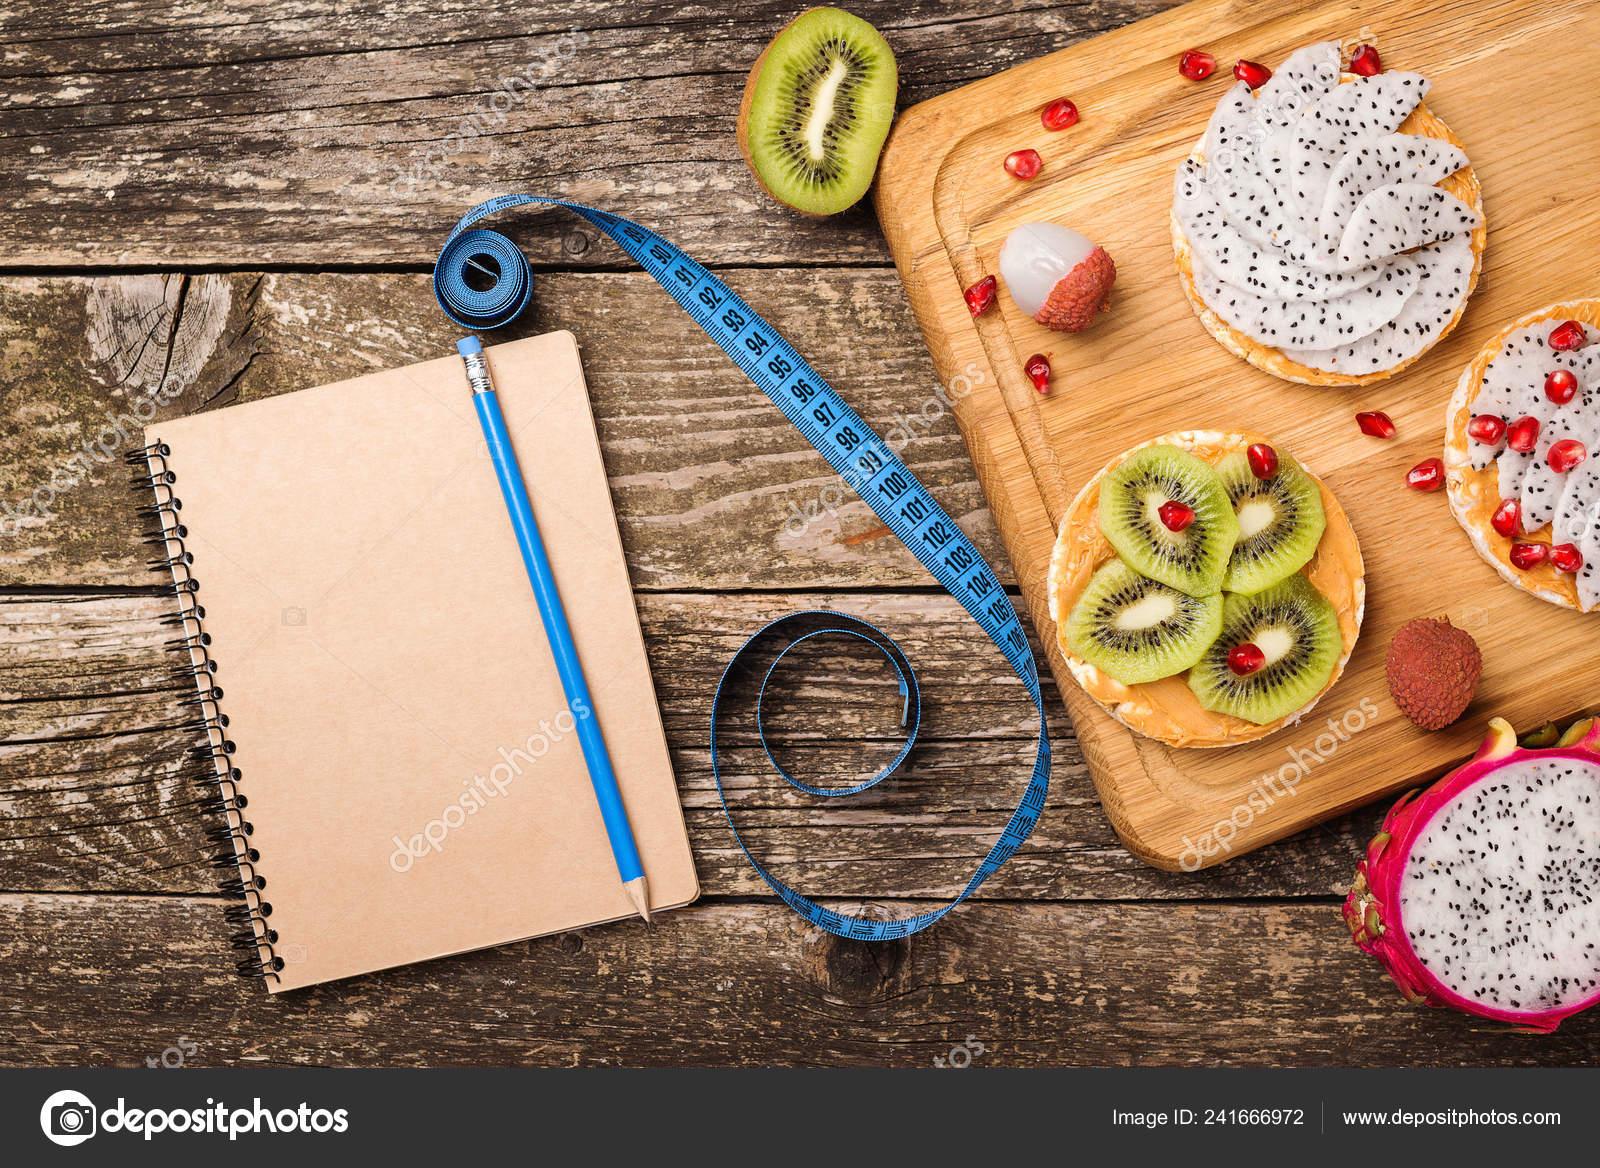 Здоровый образ жизни, здоровое питание, диета.